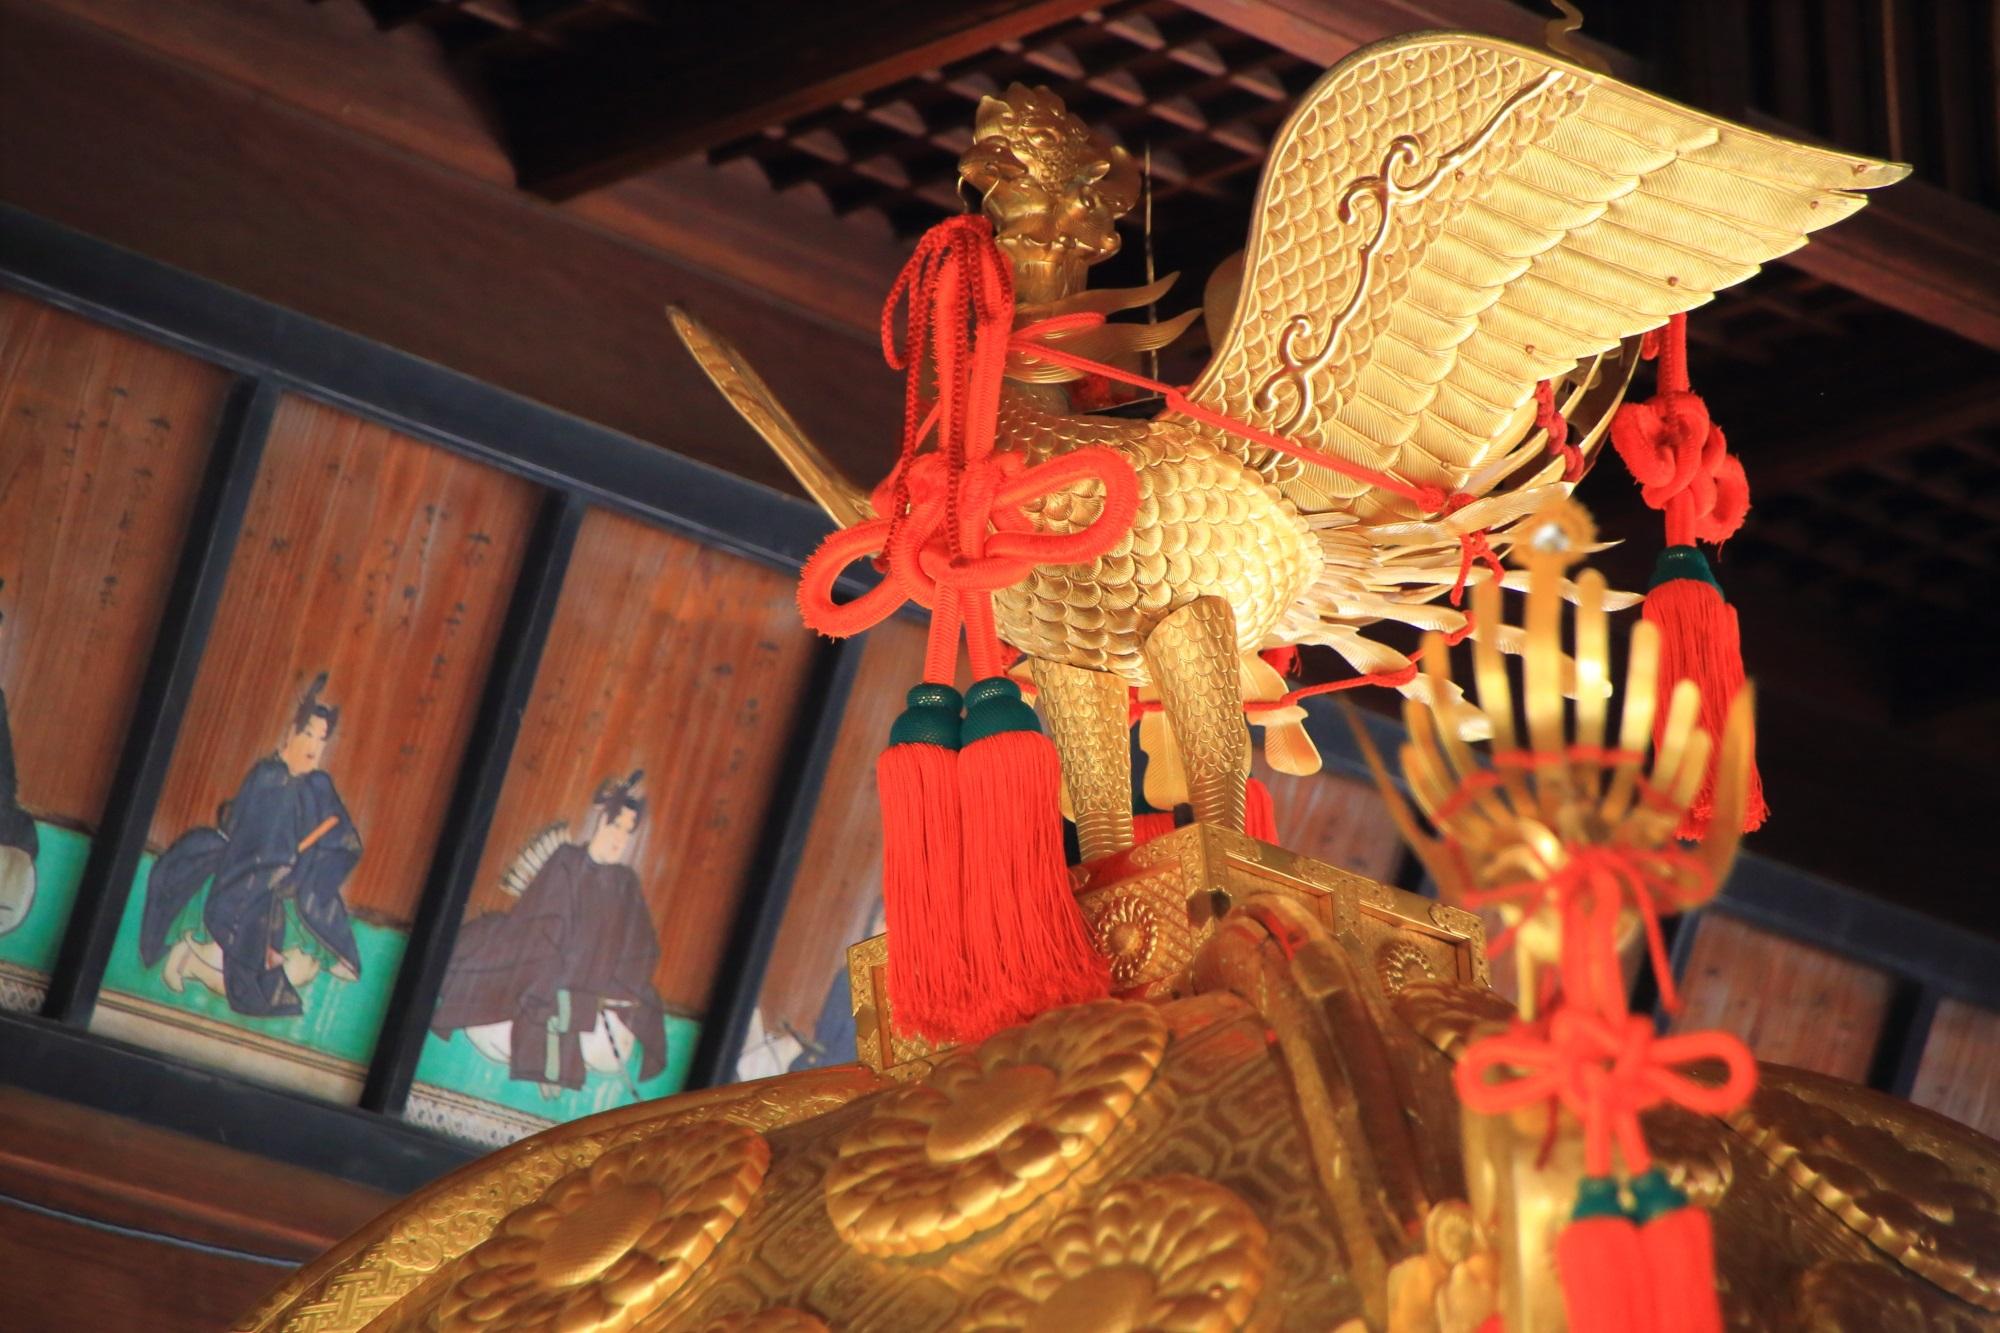 上御霊神社の御神輿の綺麗な鳥